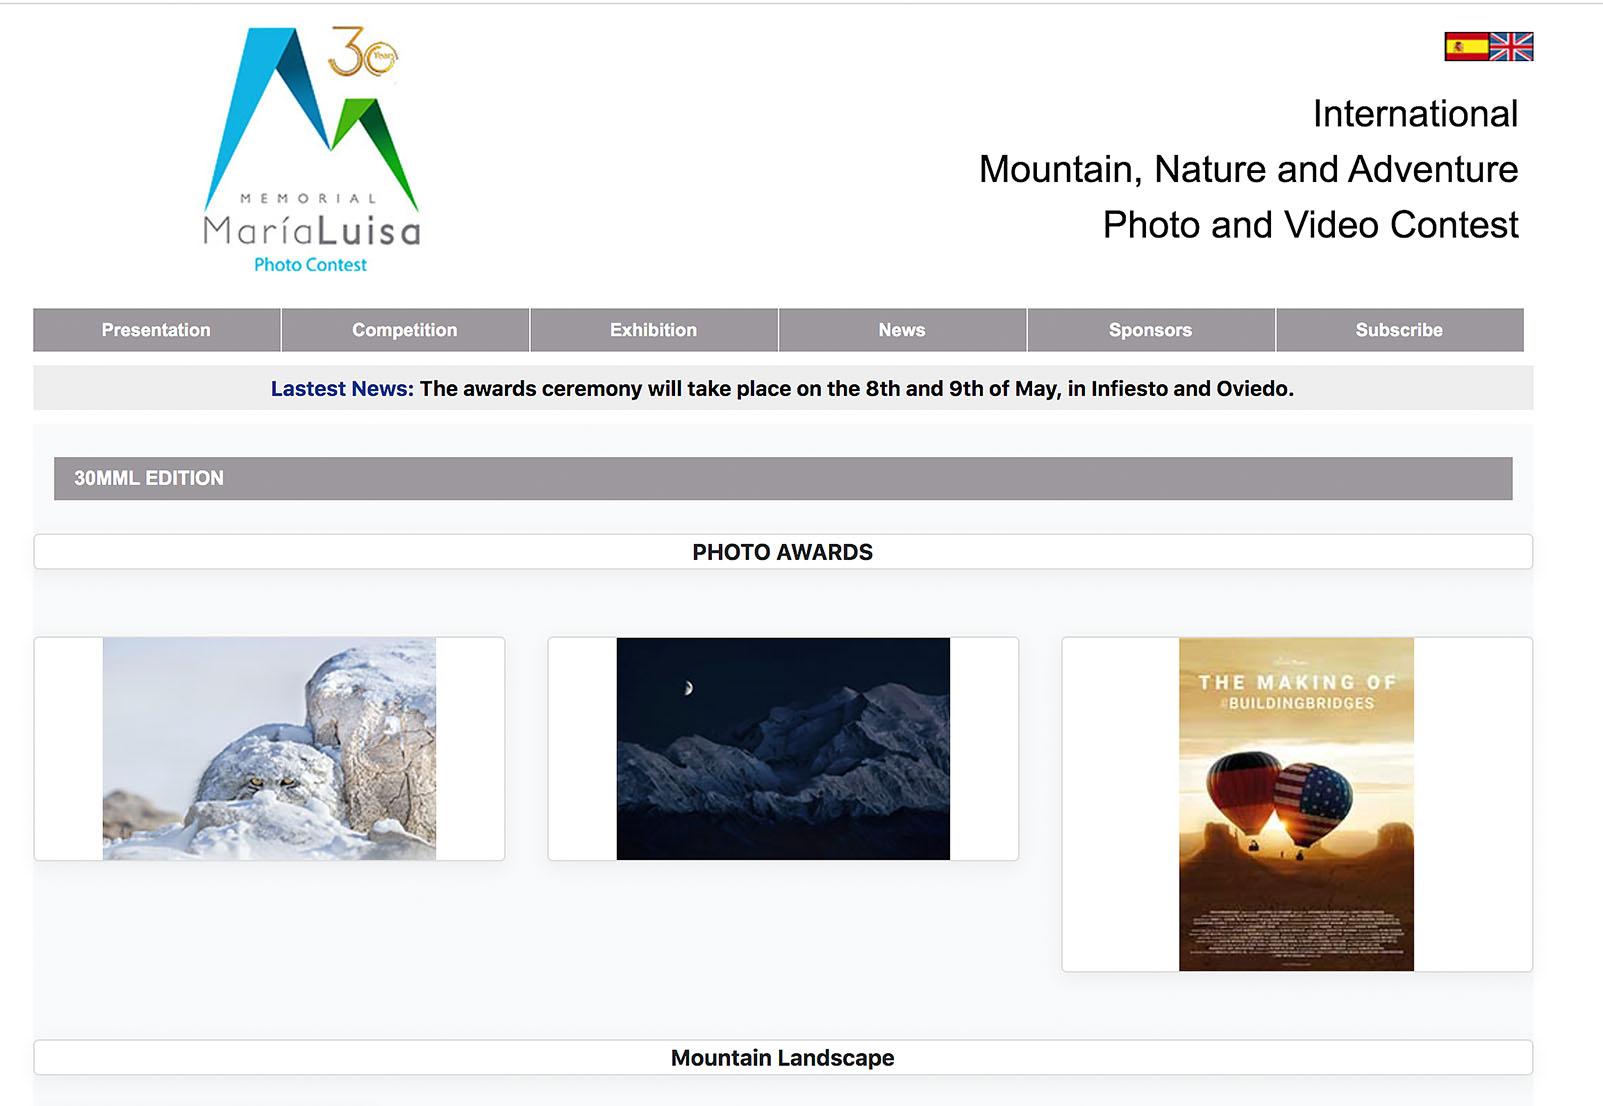 memorial maria luisa photo contest